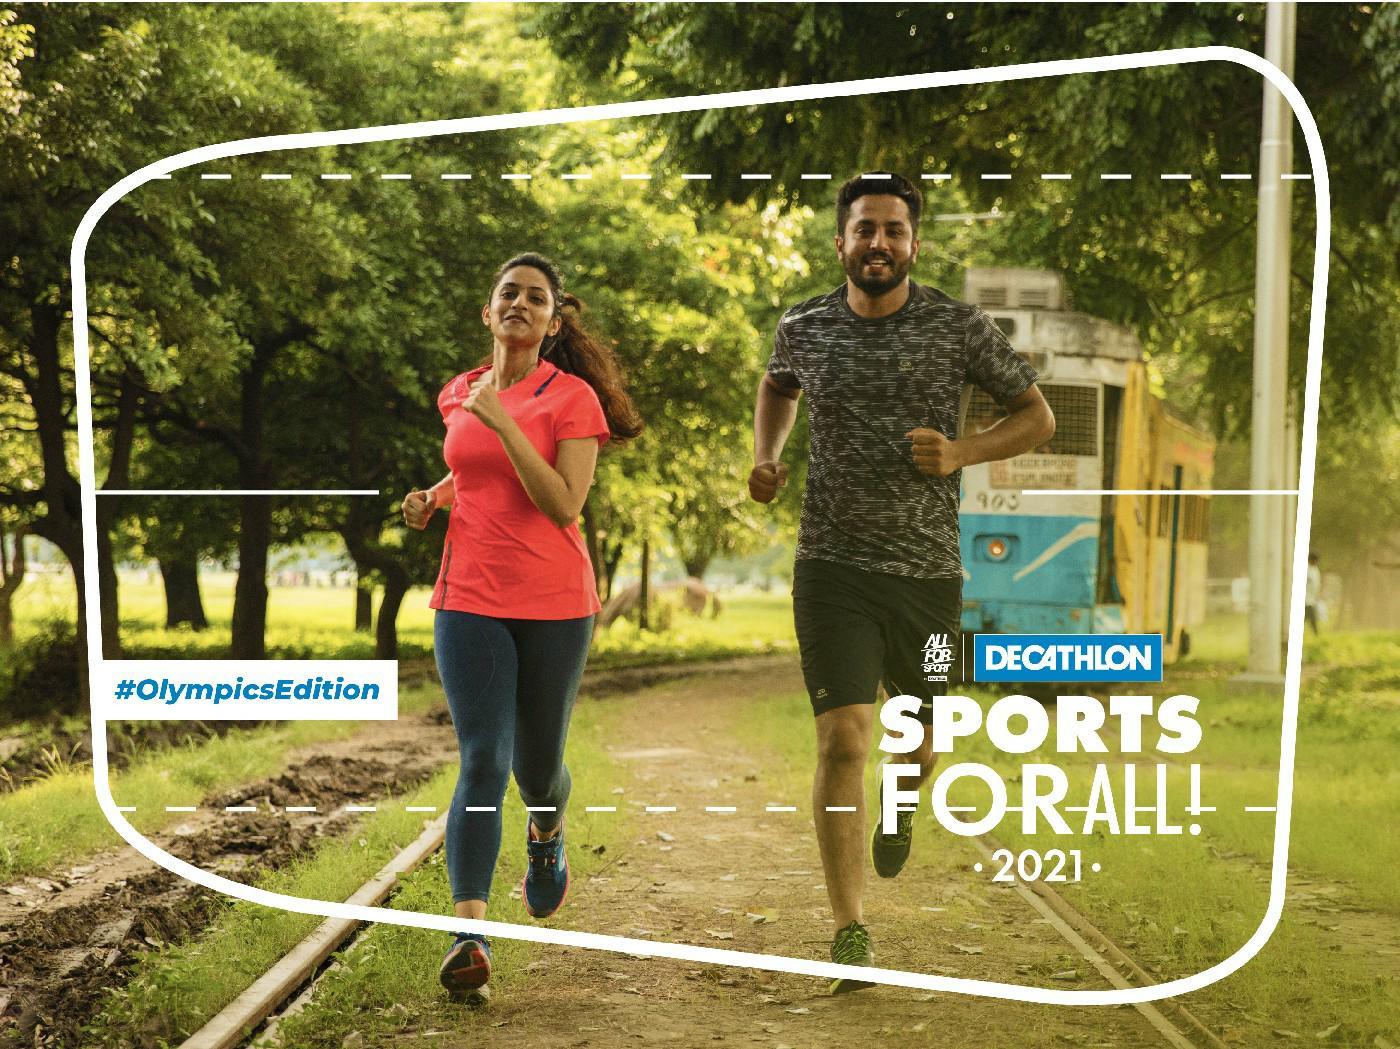 10km Running Challenge